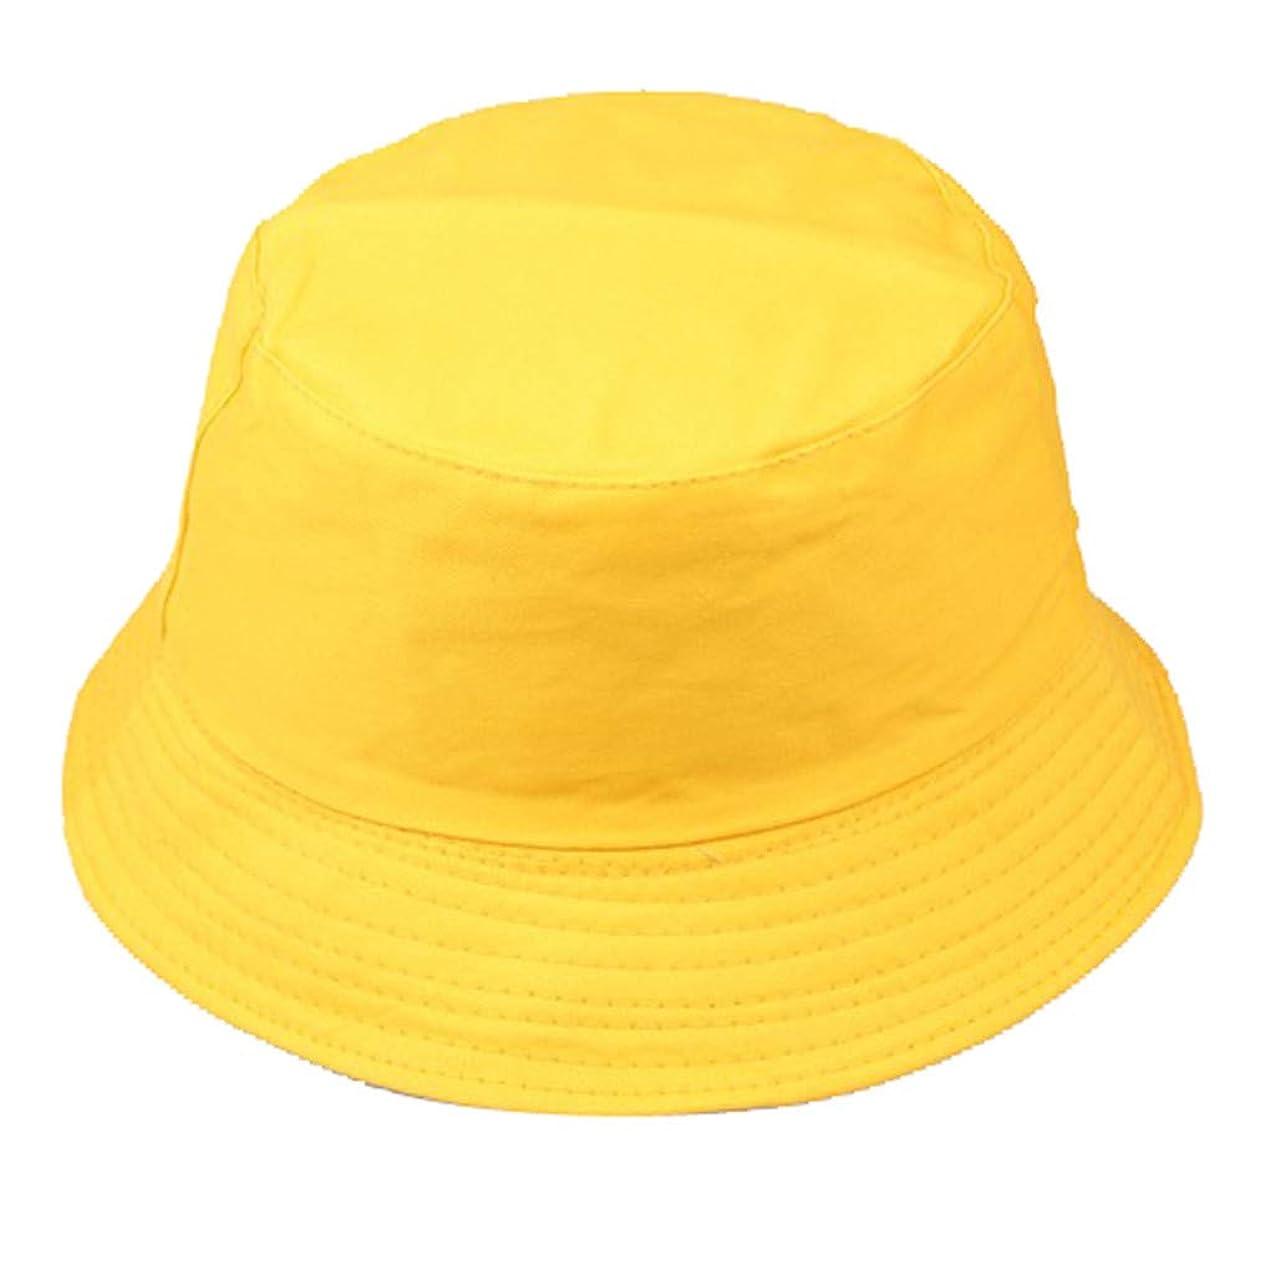 せがむ特定の鉱石帽子 レディース 漁師帽 つば広 UVカット 熱中症 夏 海 紫外線 日除け レディース 帽子 キャップ ハット レディース 漁師の帽子 小顔効果抜群 アウトドア 紫外線対策 日焼け対策 ハット 調整テープ ROSE ROMAN